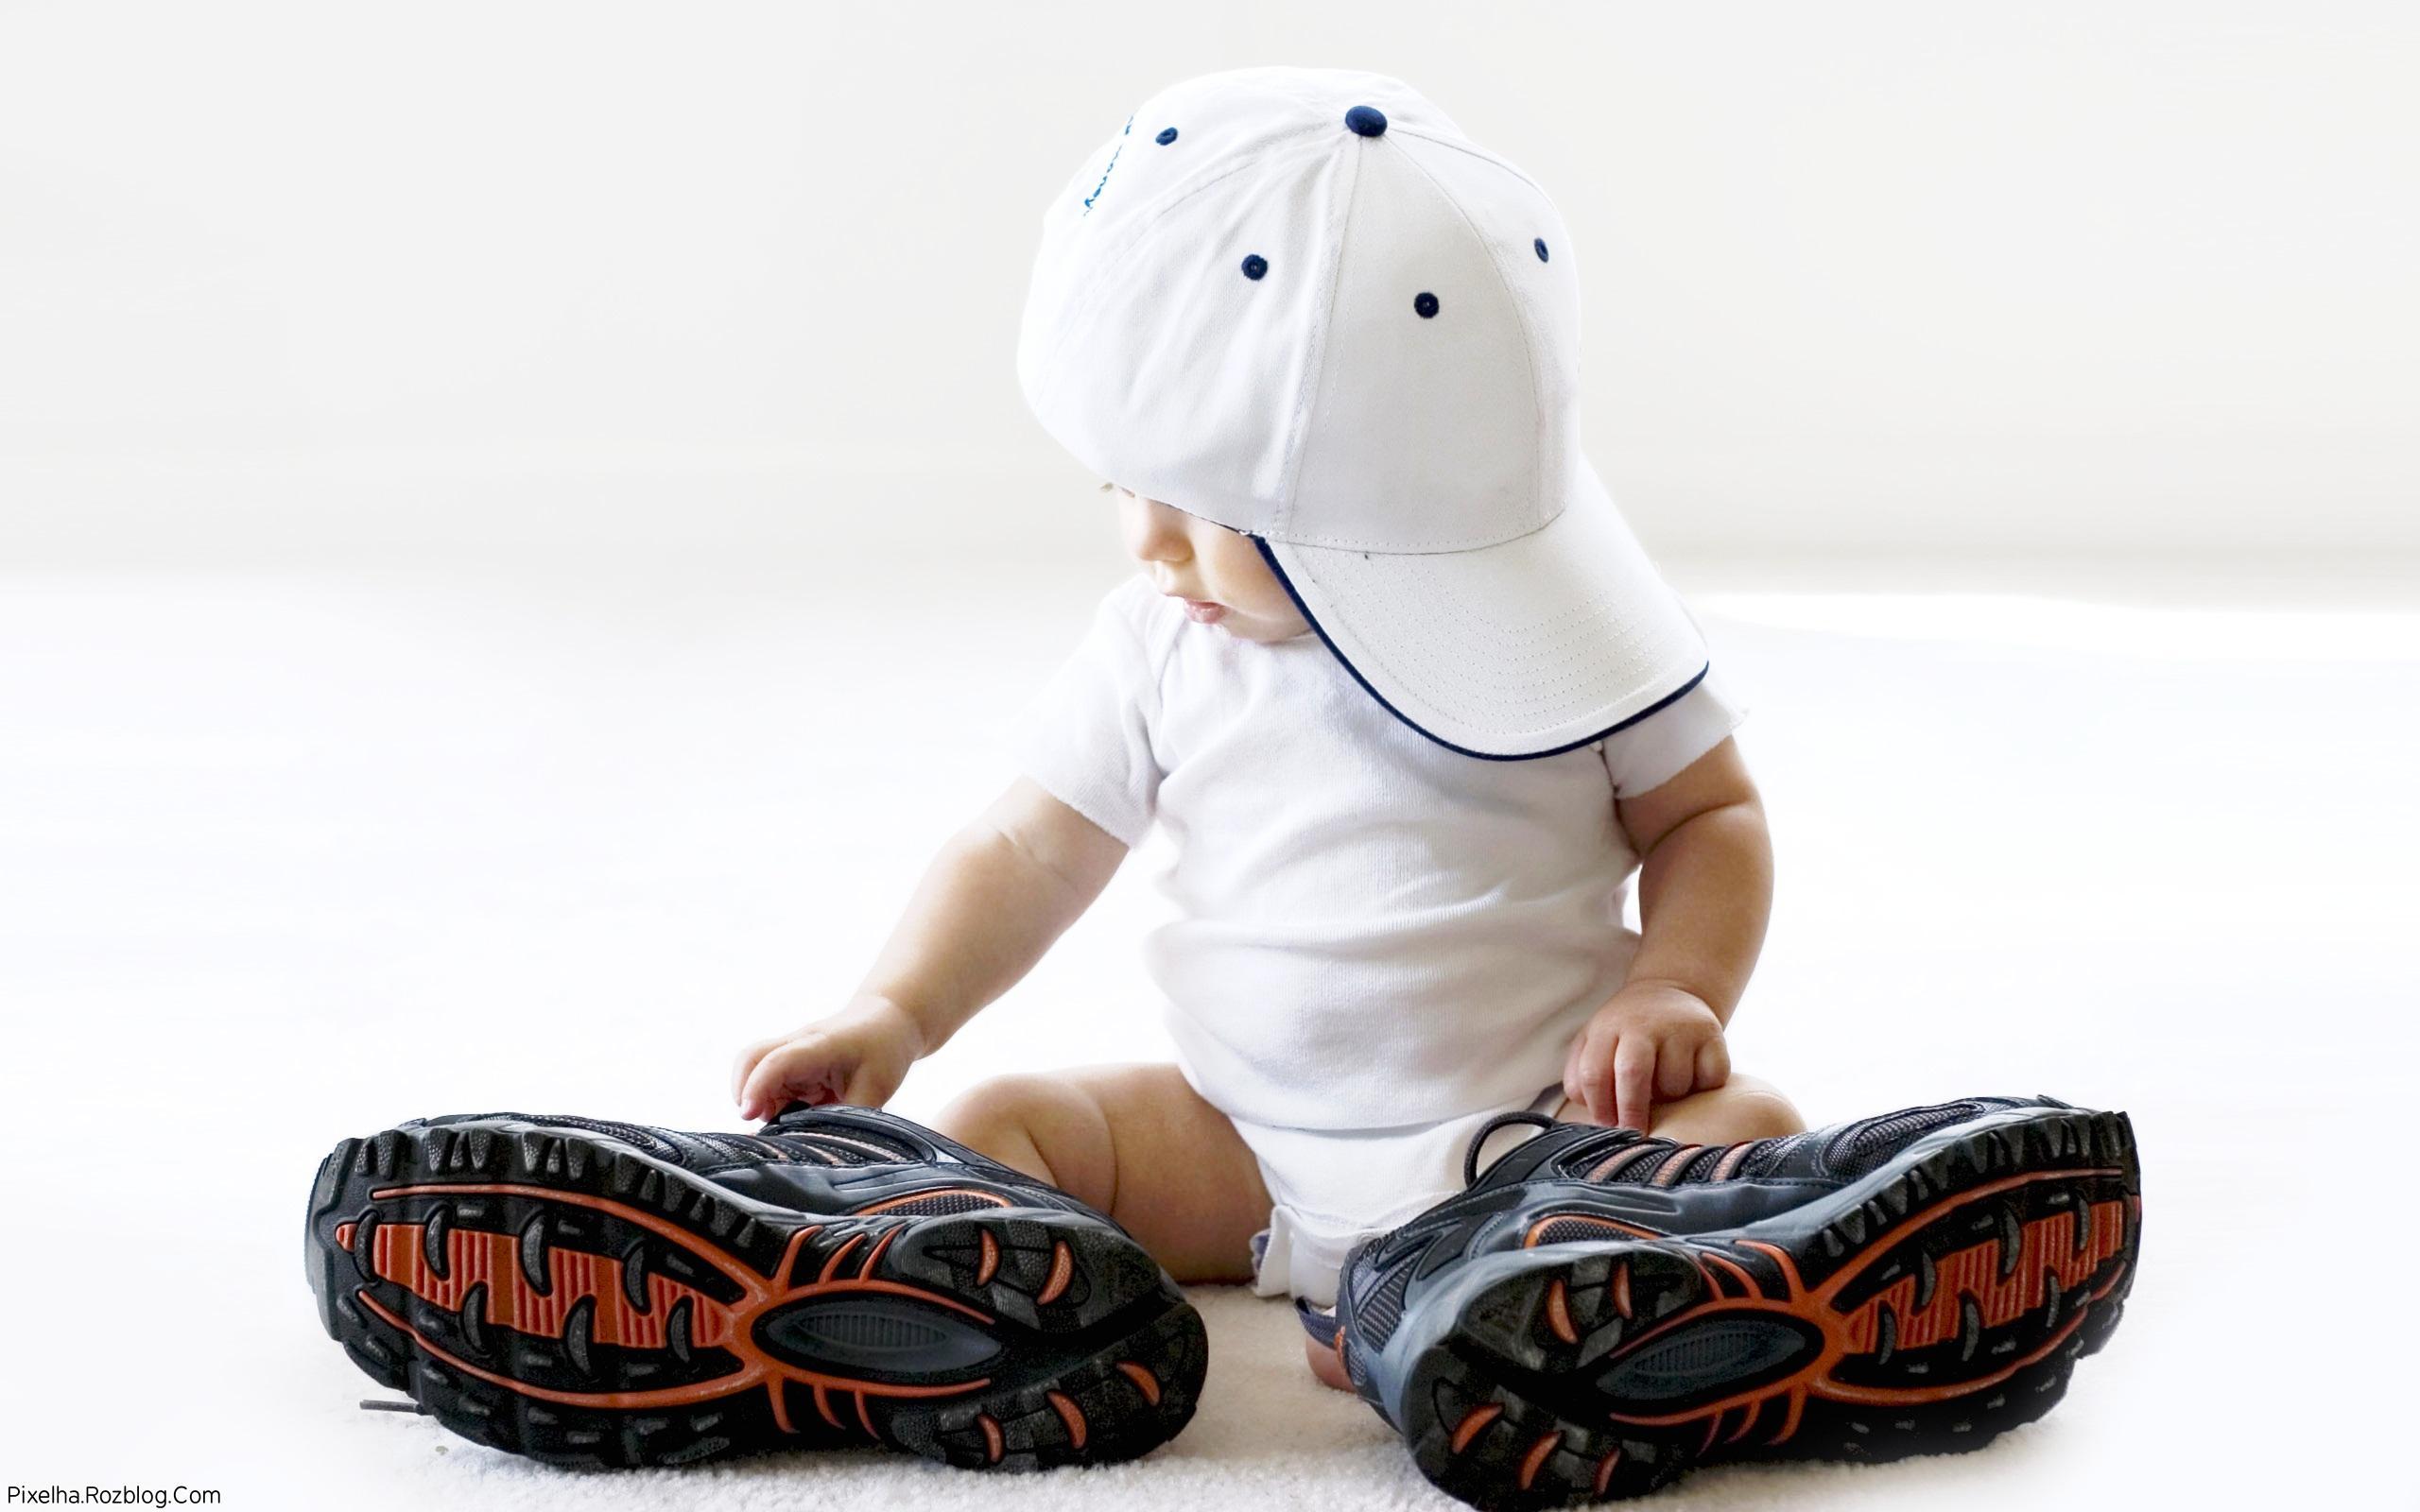 پسربچه خوشگل با کفش و کلاه بزرگ